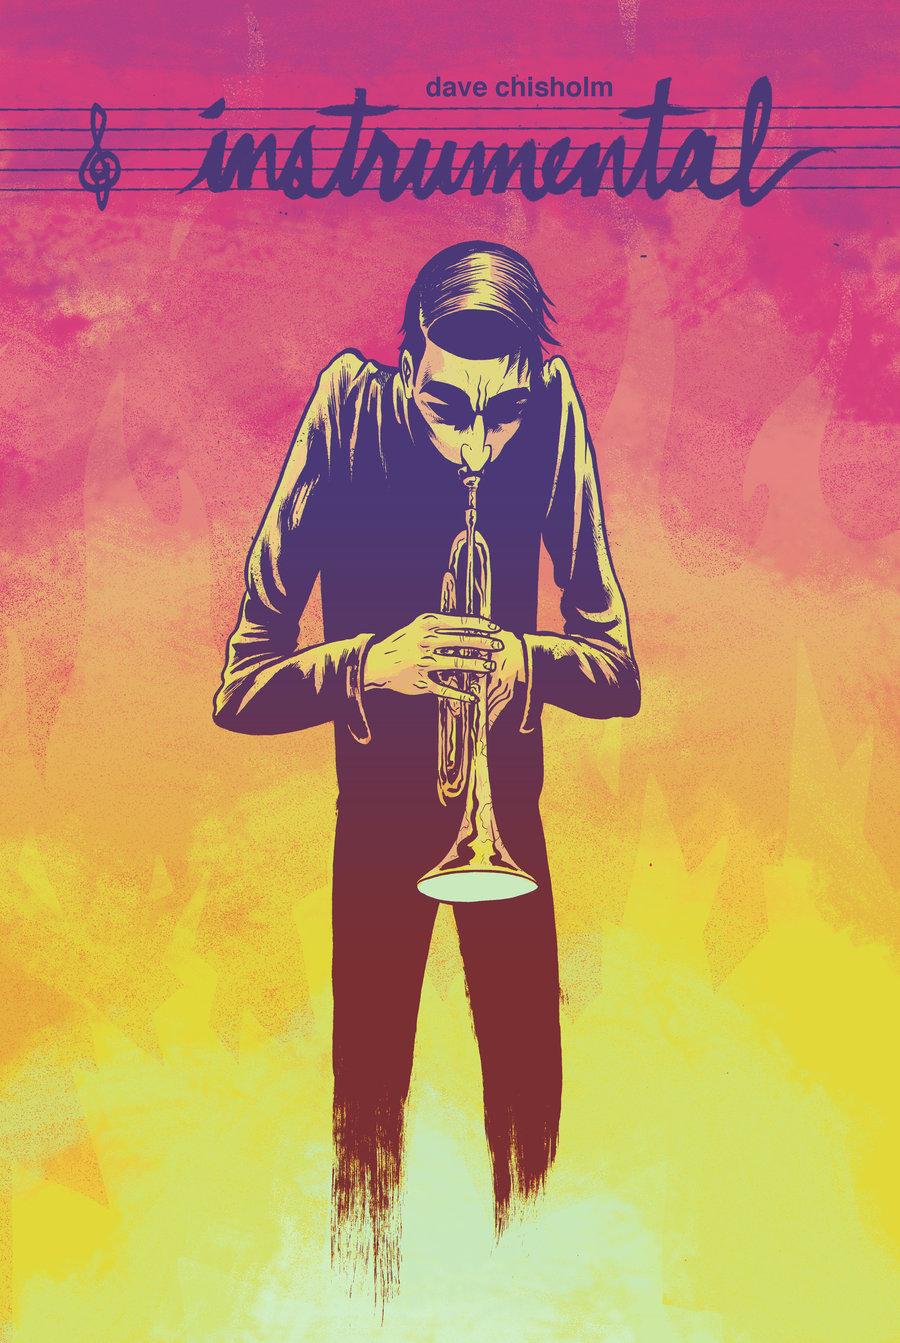 Dave Chisholm's INSTRUMENTAL - Graphic Novel + Soundtrack